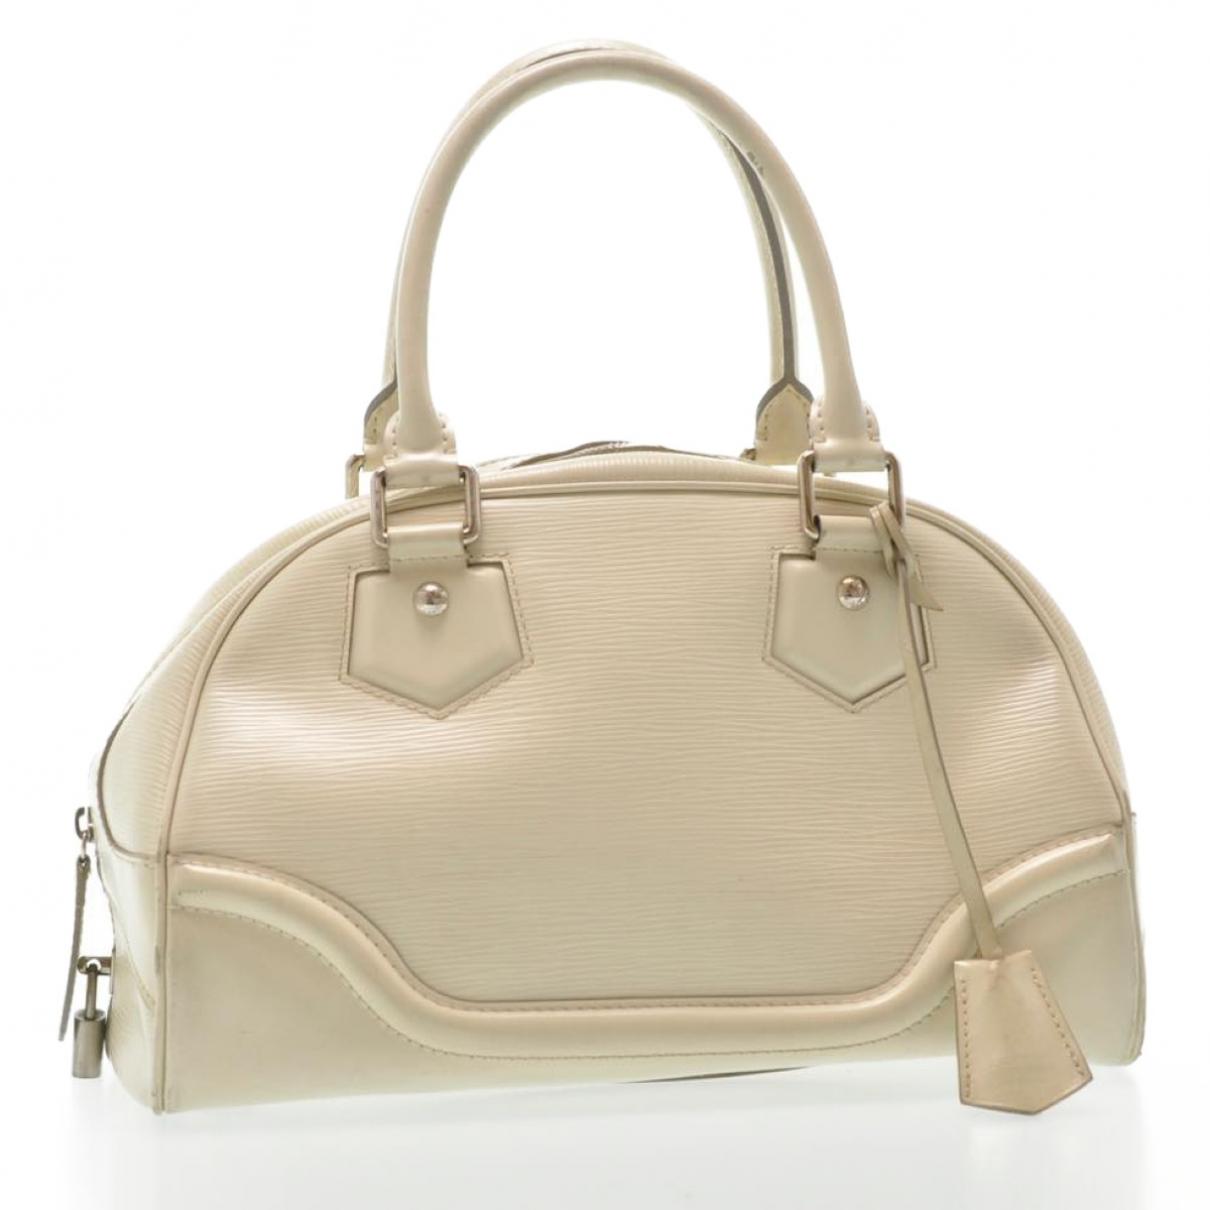 Louis Vuitton - Sac de voyage   pour femme en cuir - blanc